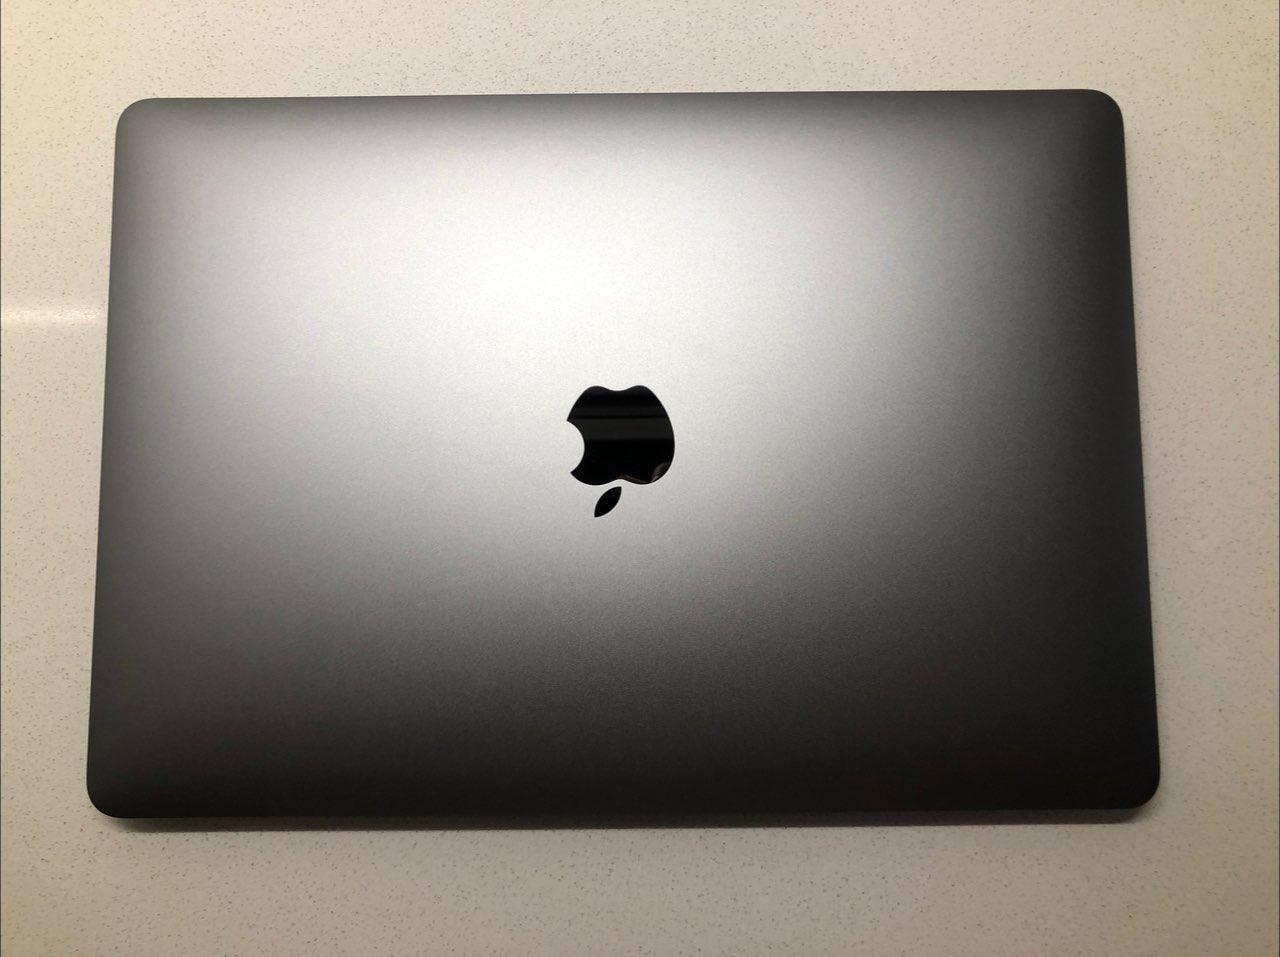 MacBook Touch Bar, 3.1Ghz, 16Go, 512Go, AppleCare